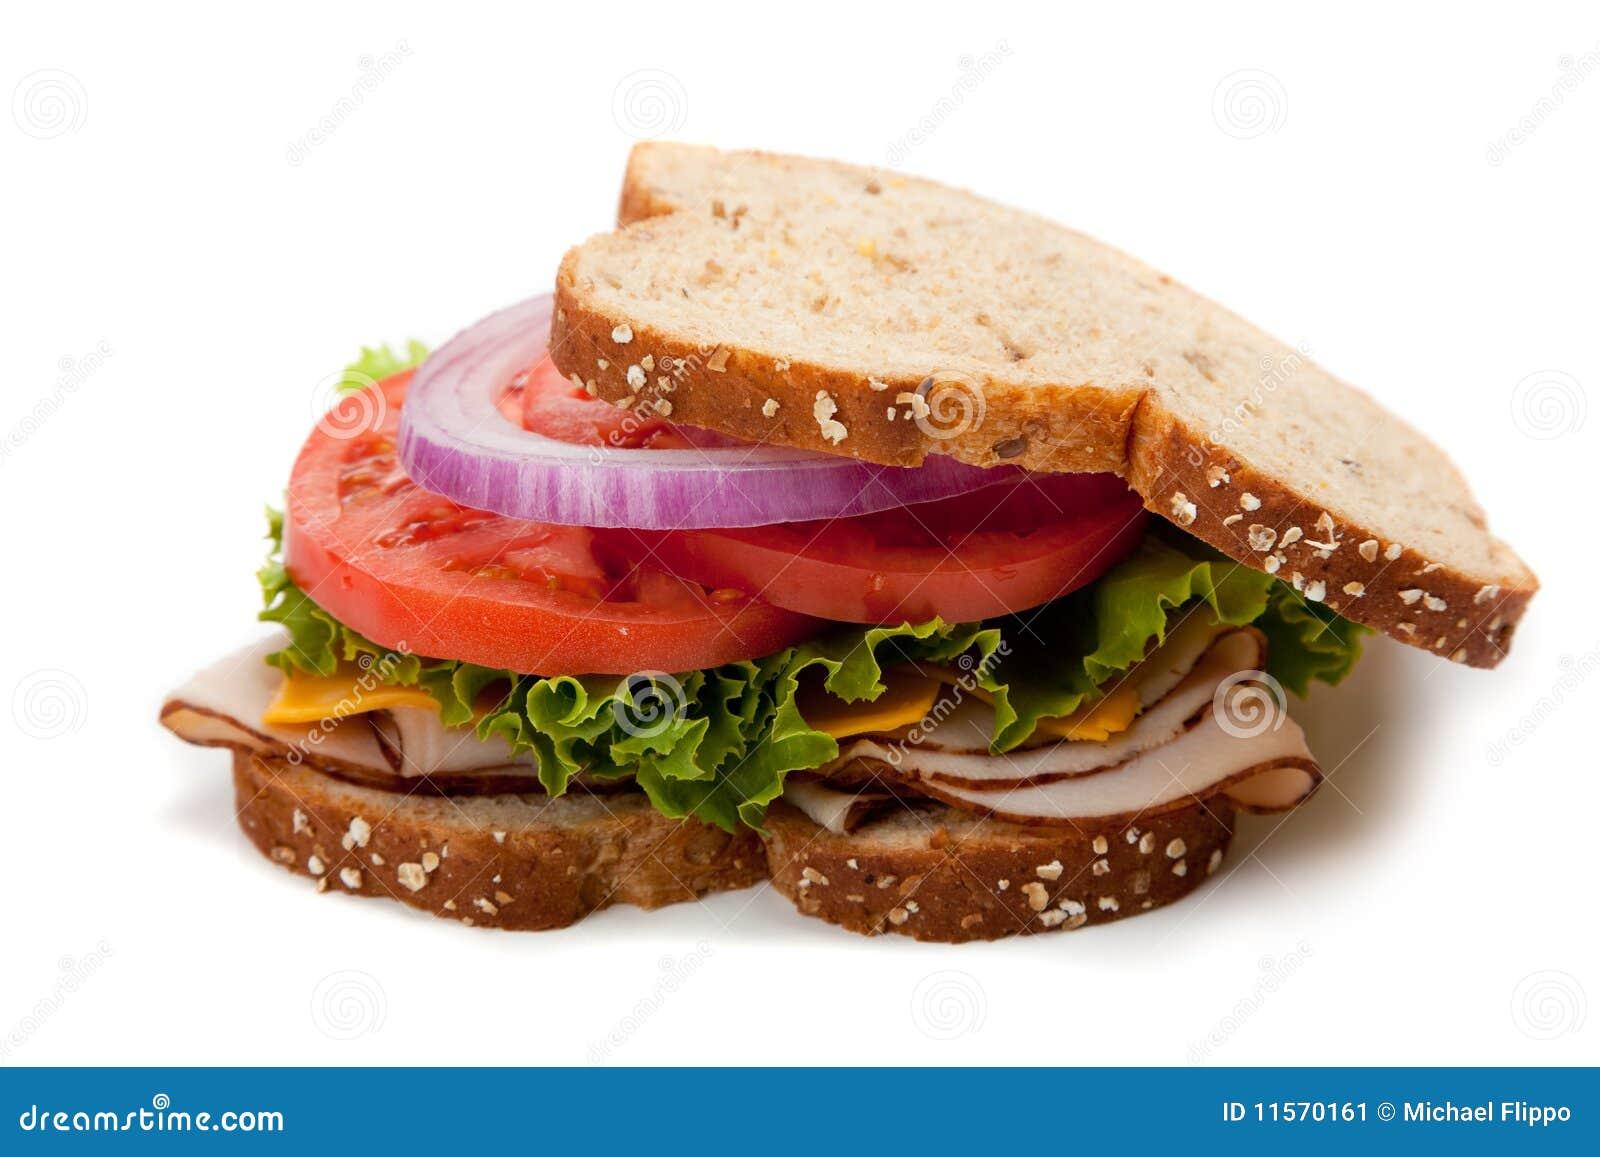 Healthy Fish Sandwich Fast Food